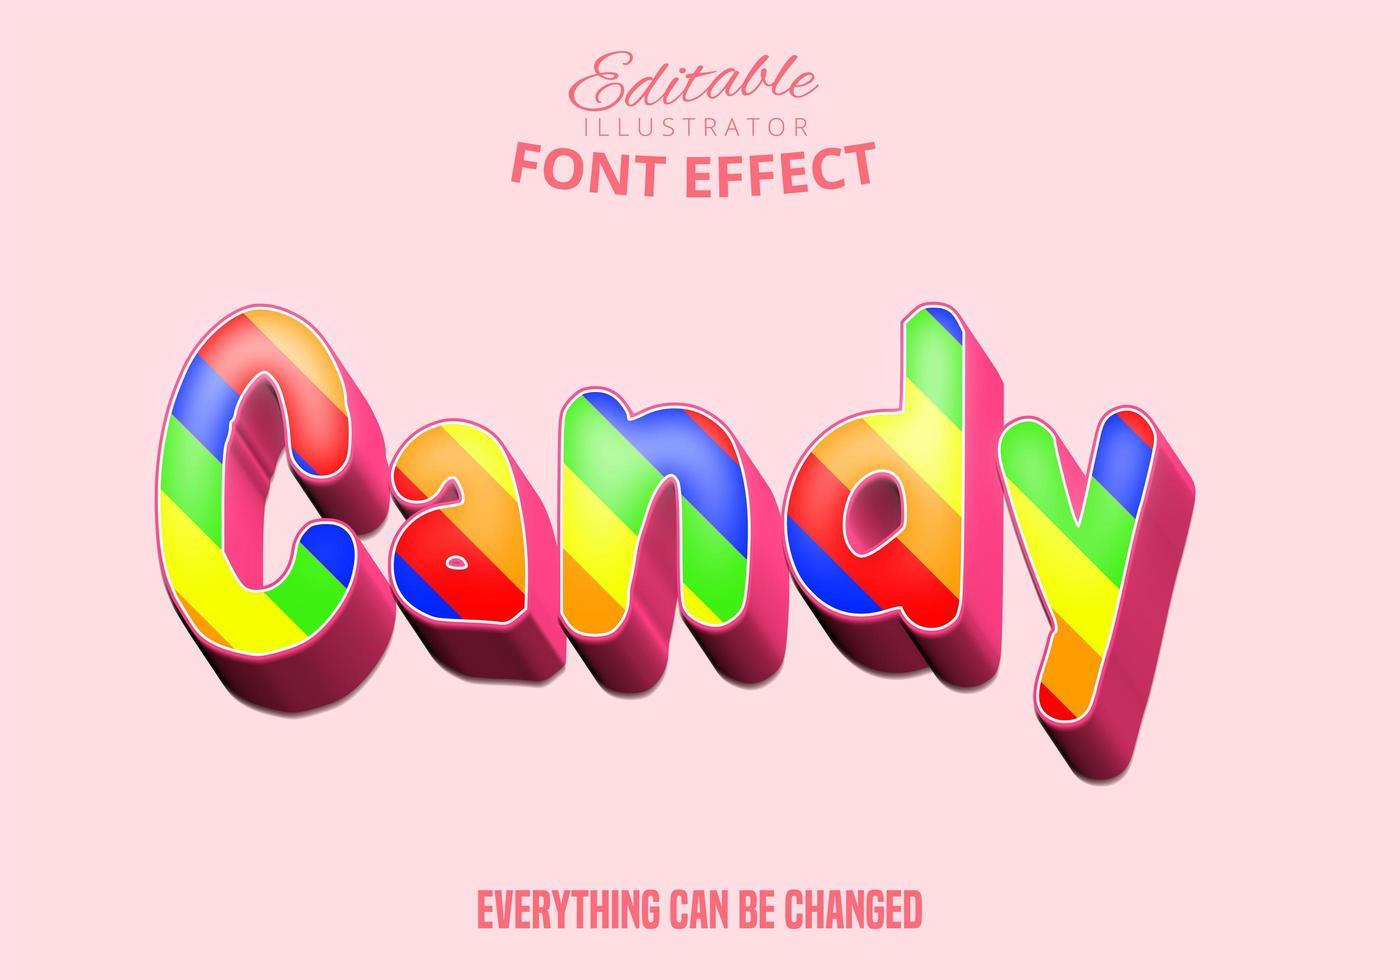 texto de caramelo, efecto de fuente editable vector